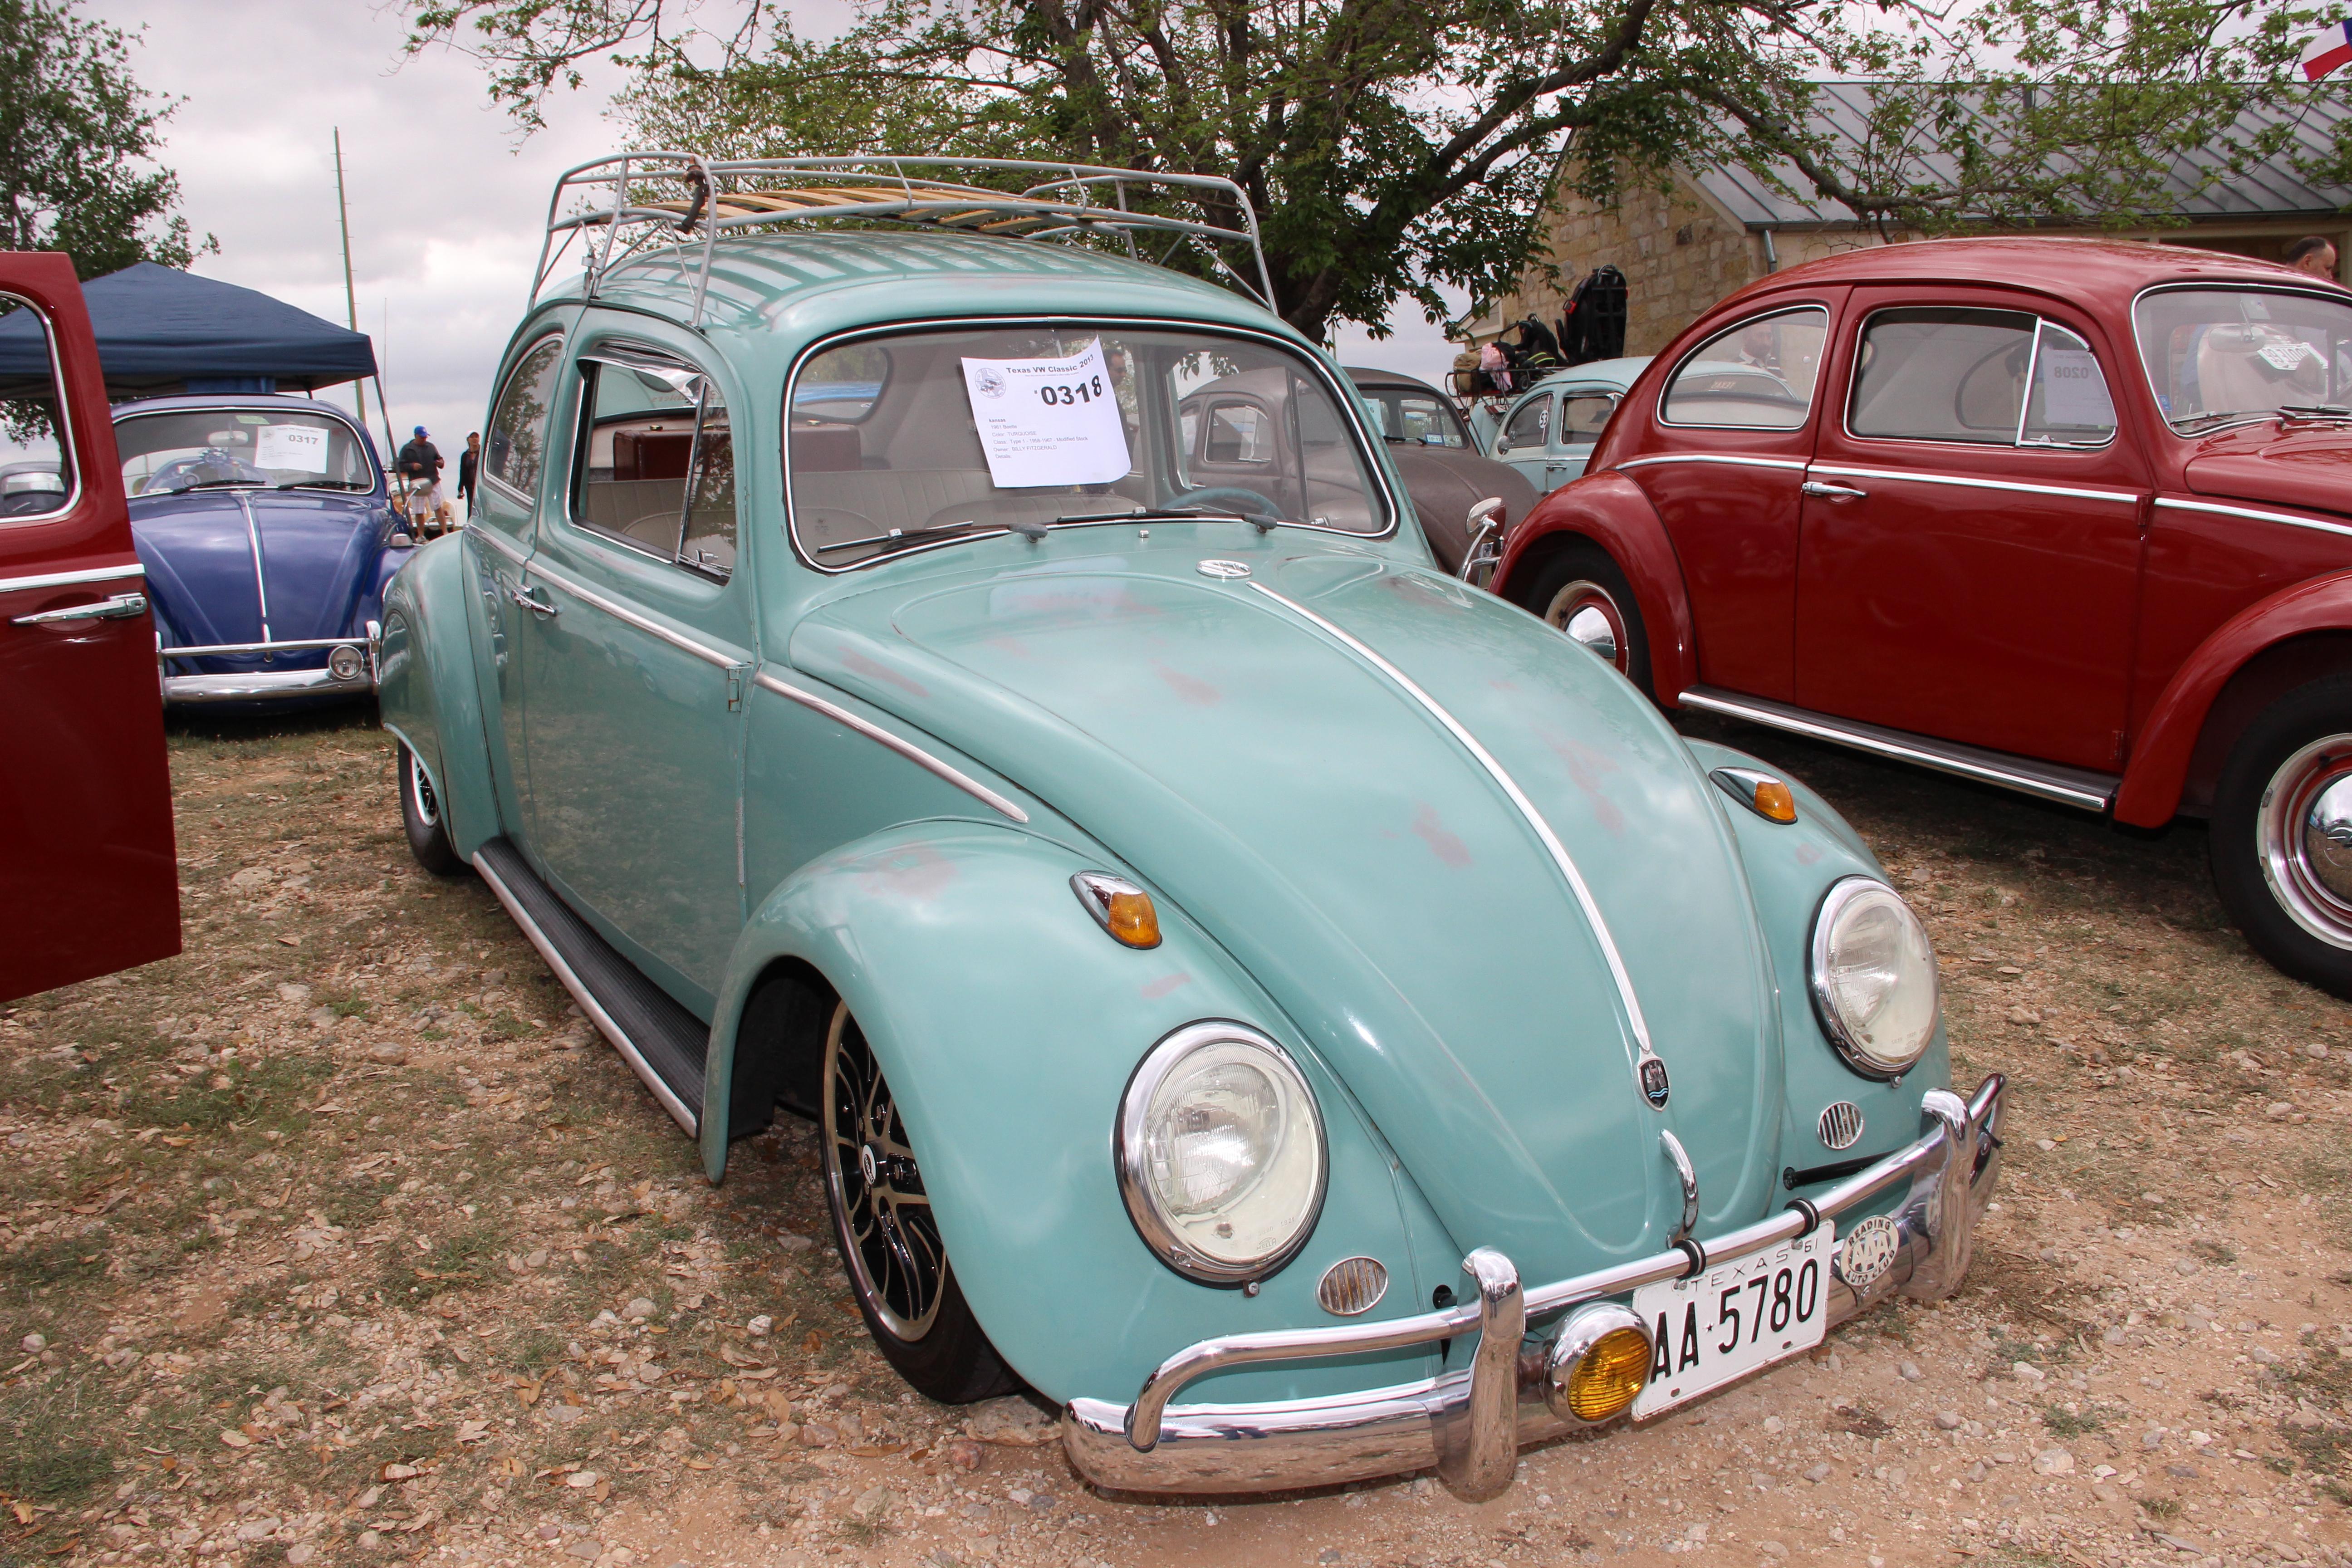 Kansas 0318 Texas Vw Classic